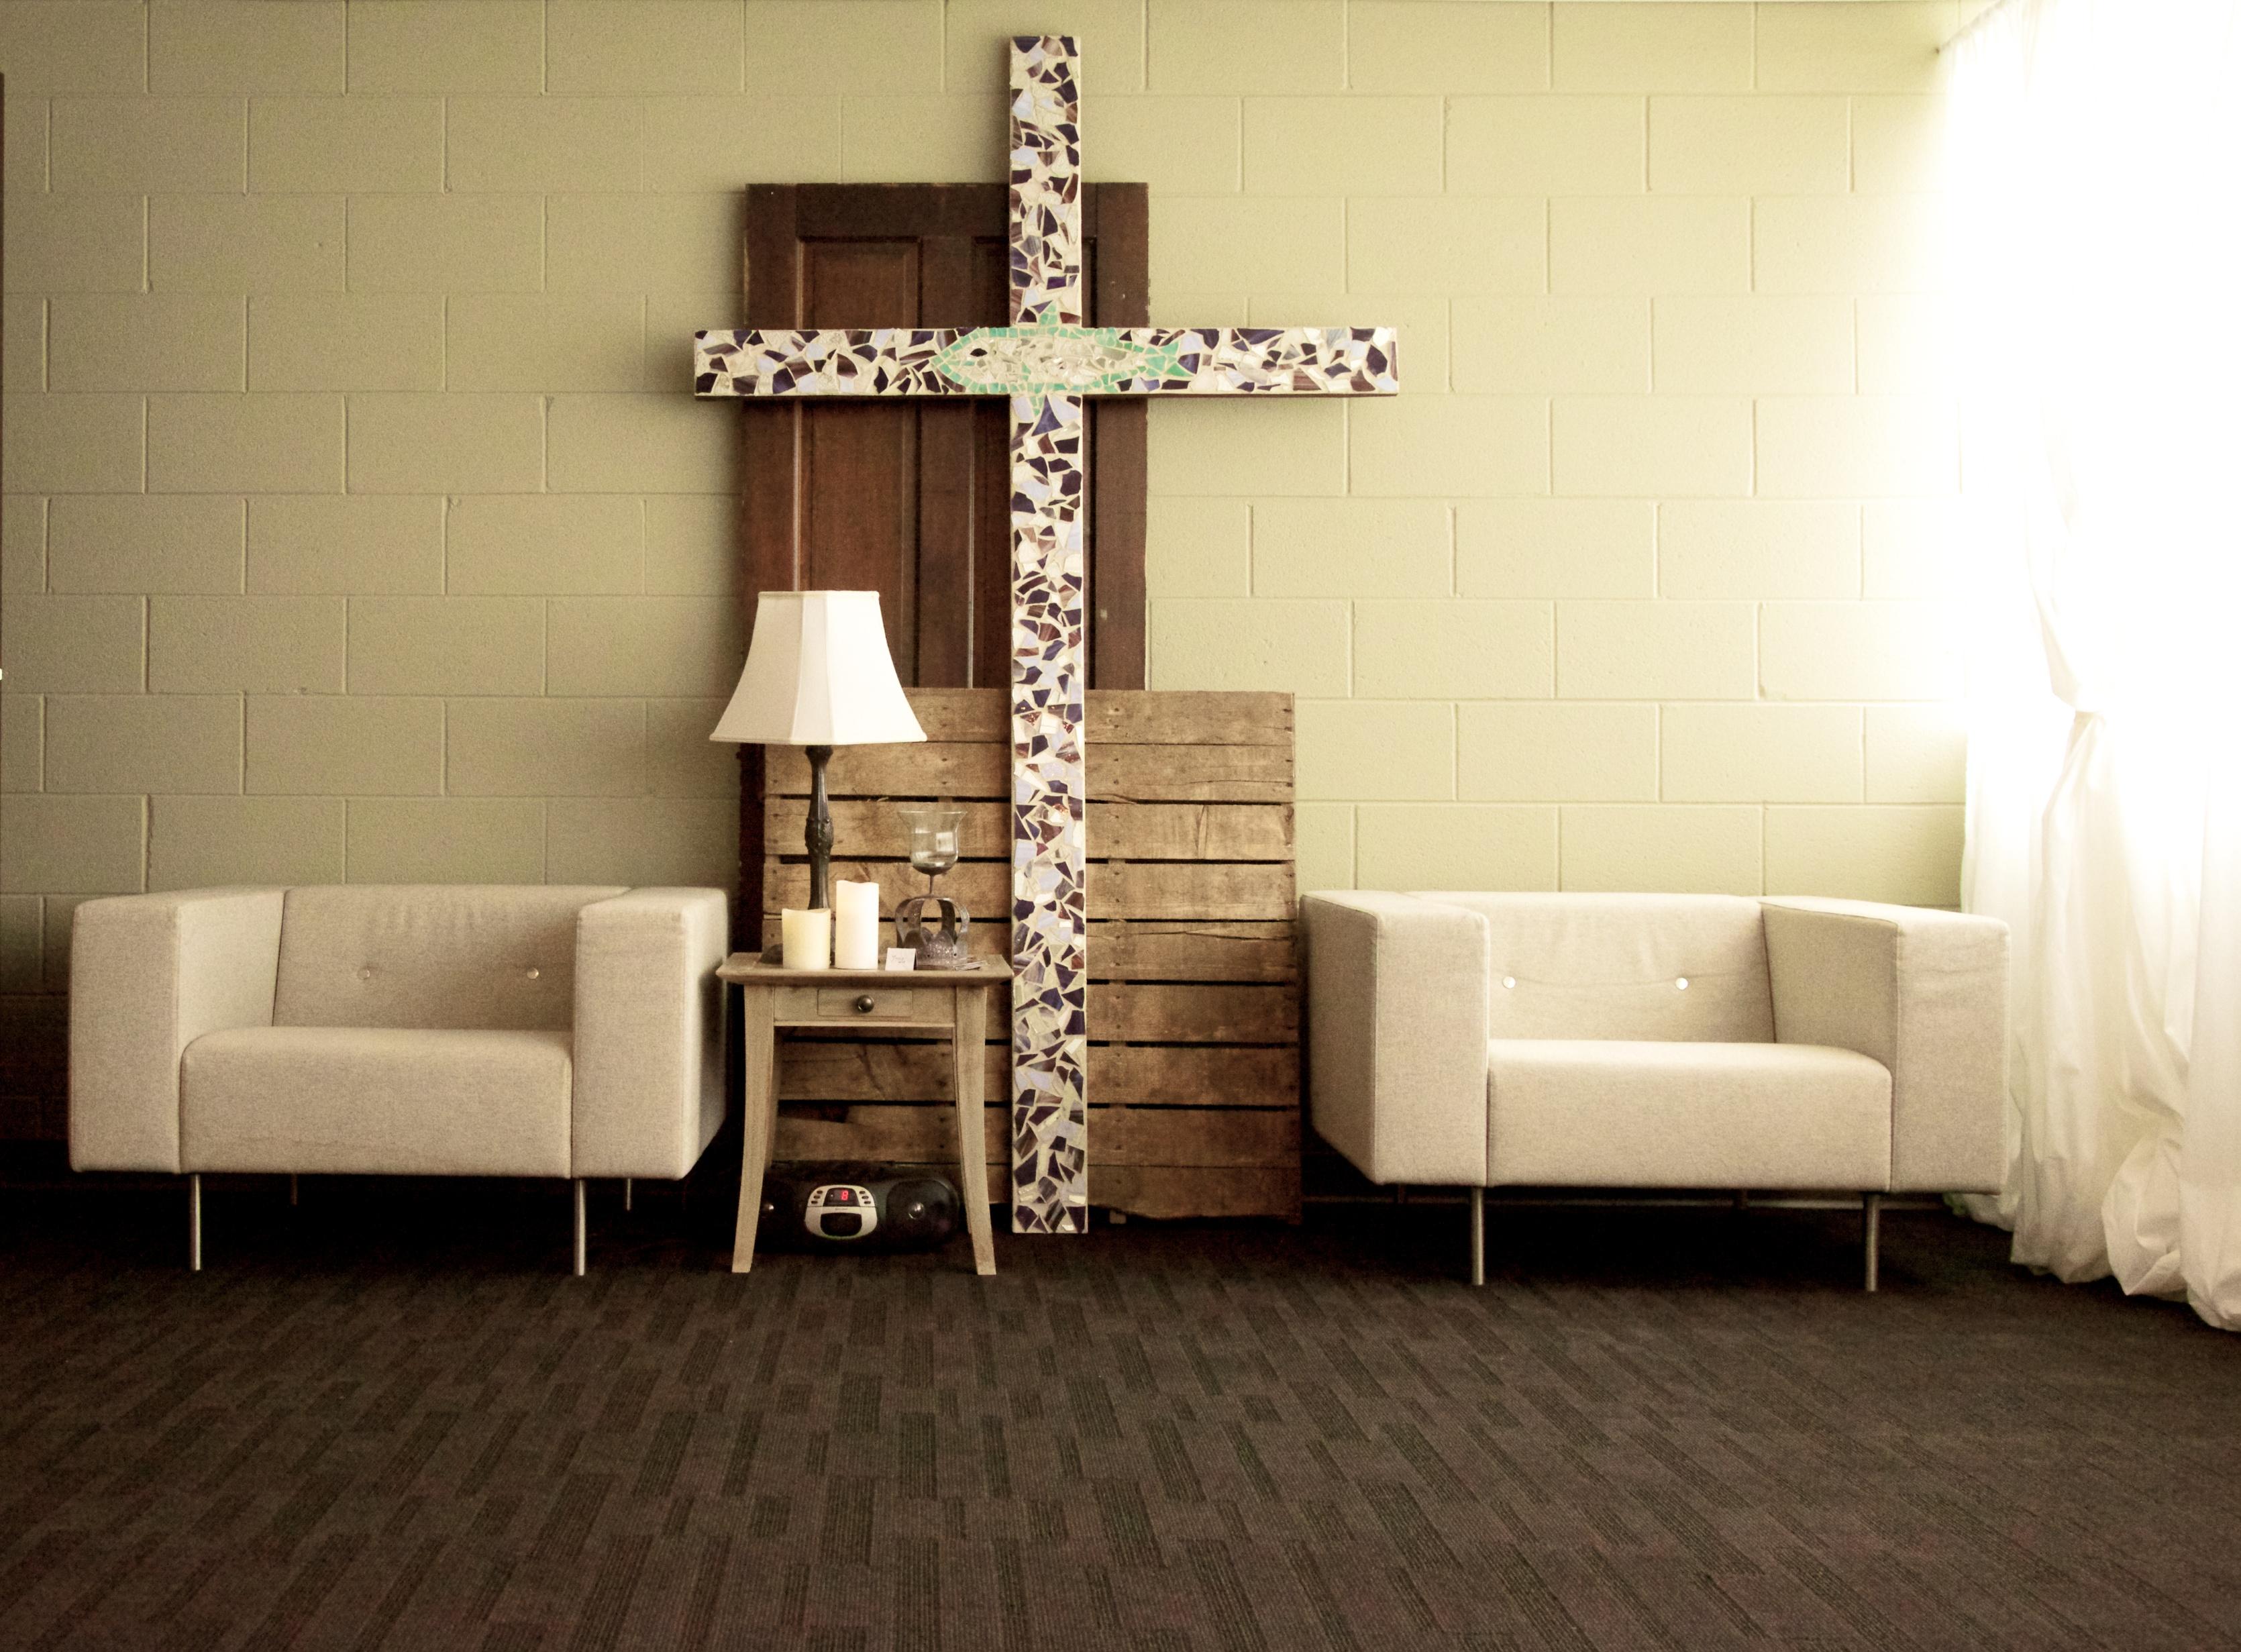 comment organiser et d corer une salle de pri re chr tiens lifestyle. Black Bedroom Furniture Sets. Home Design Ideas